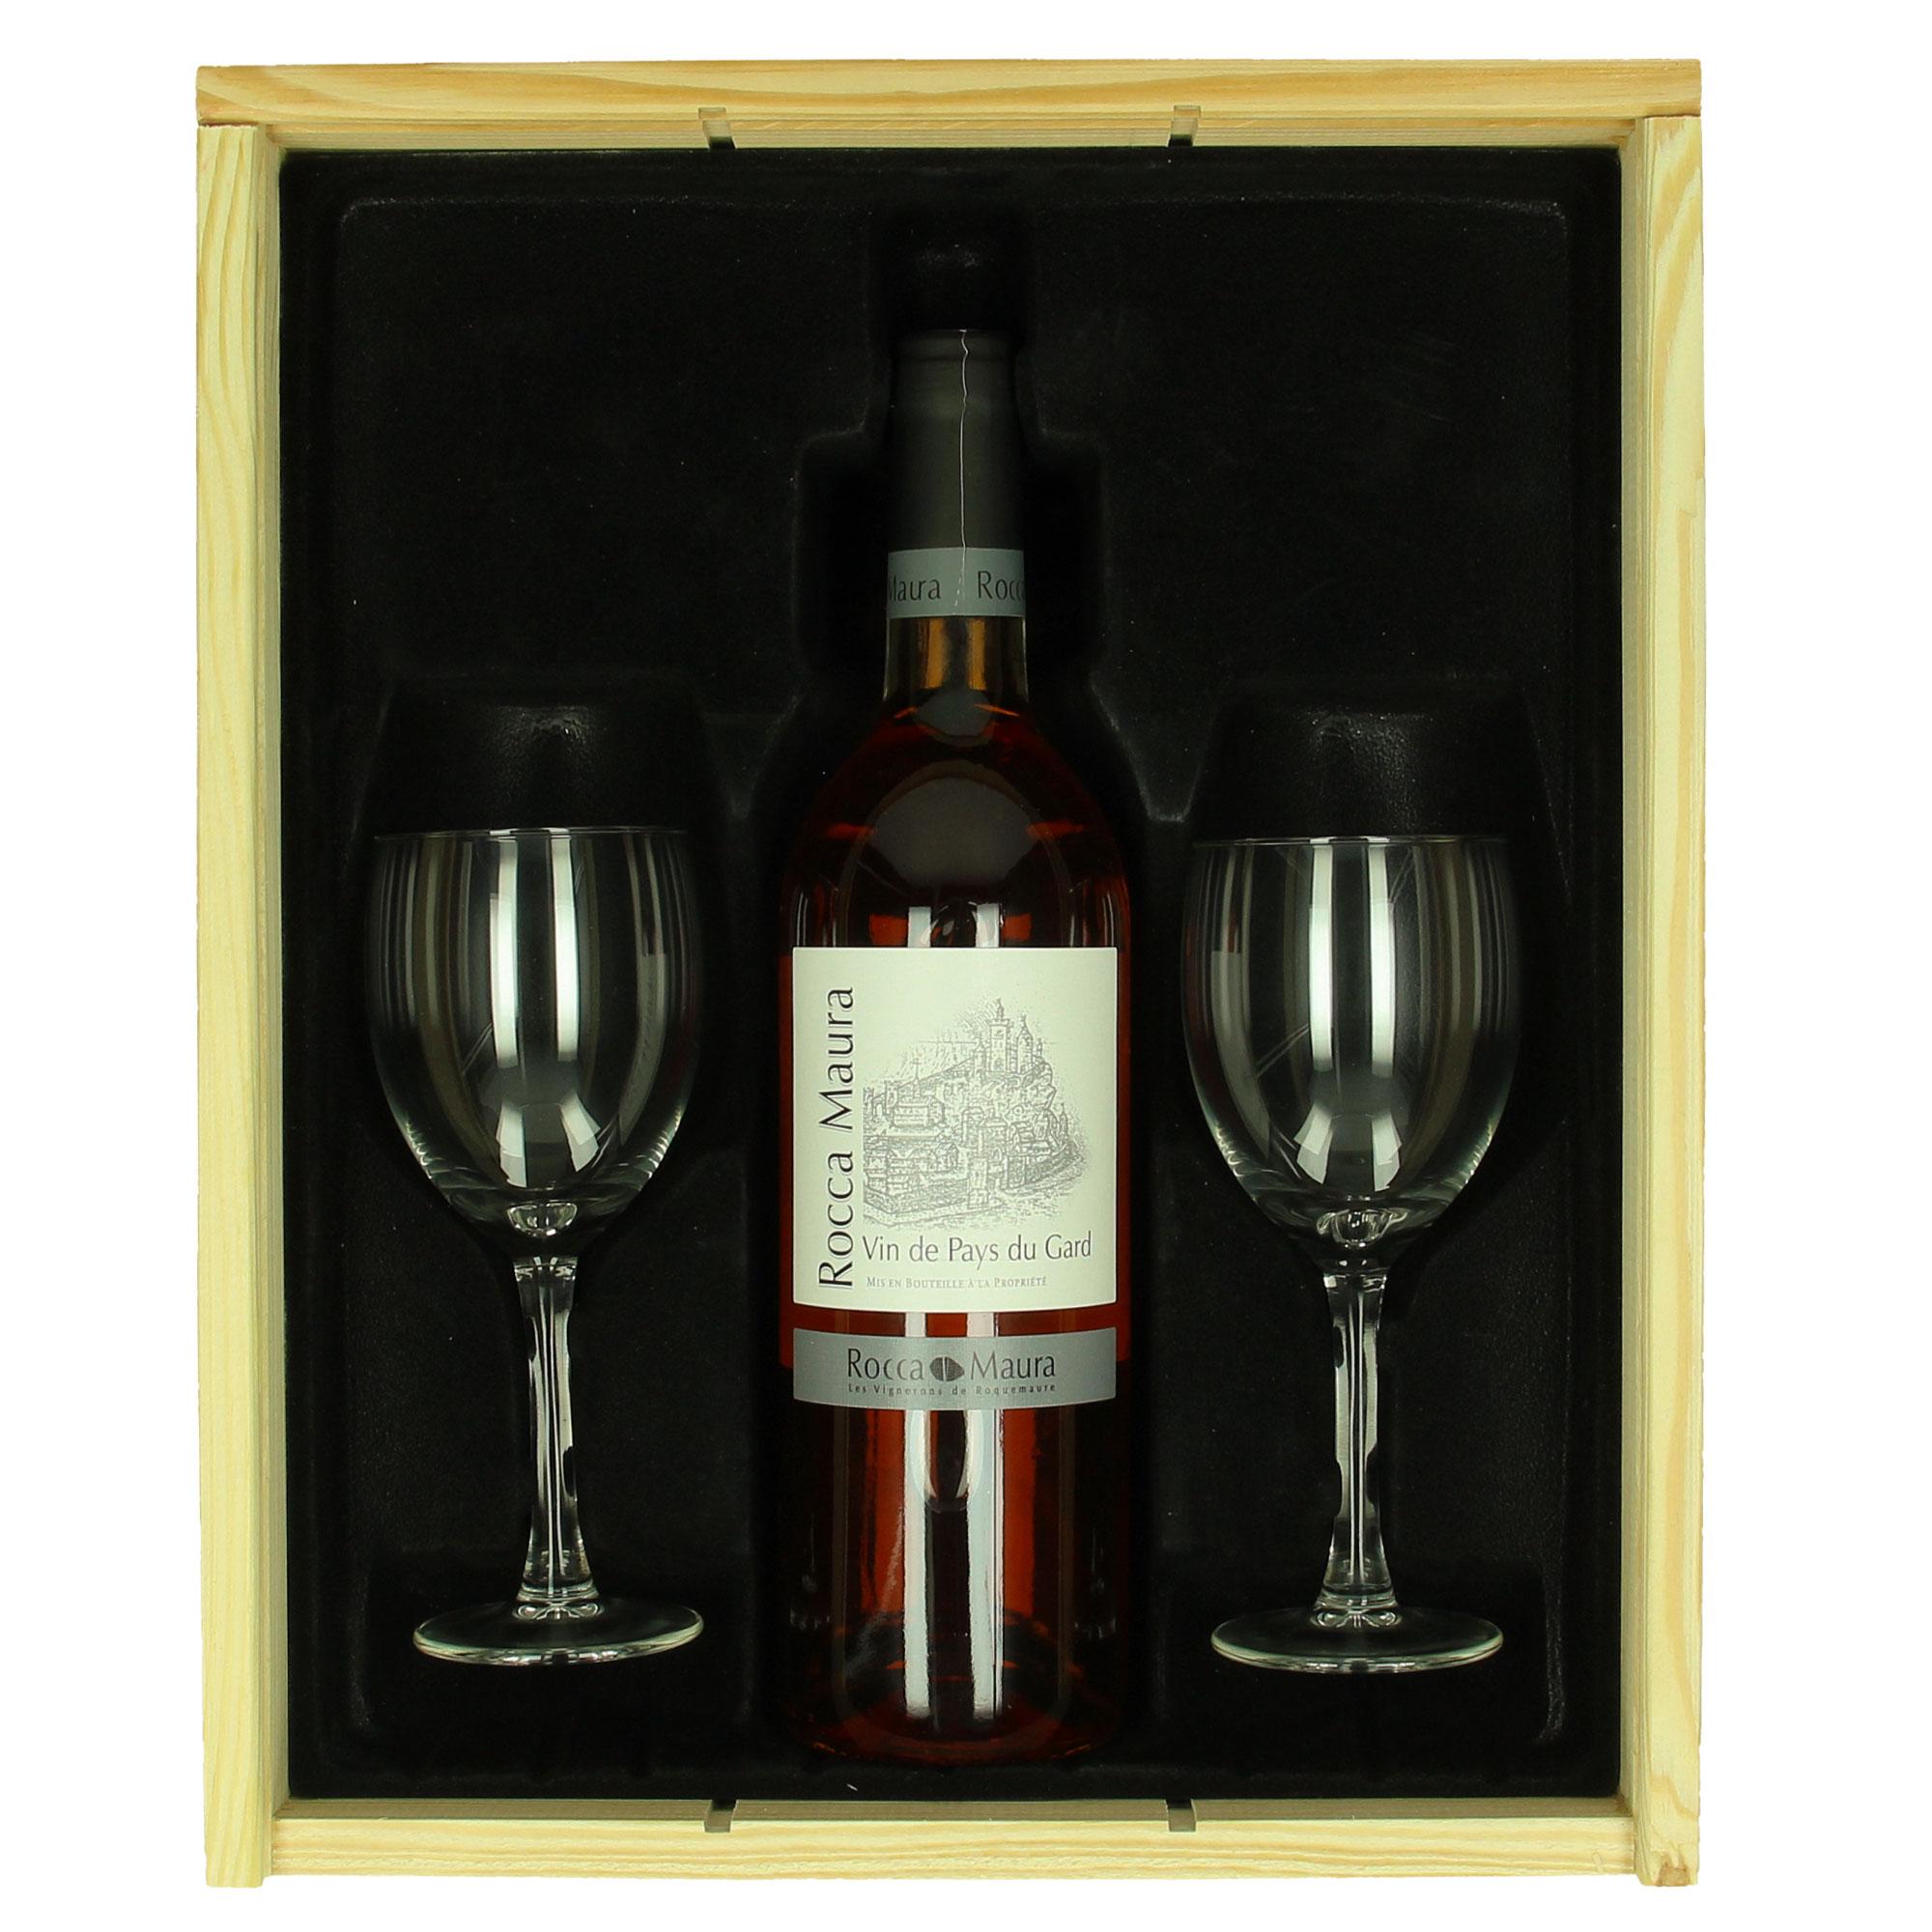 Wijnpakket Chiaretto (rosé) + gepersonaliseerde glazen